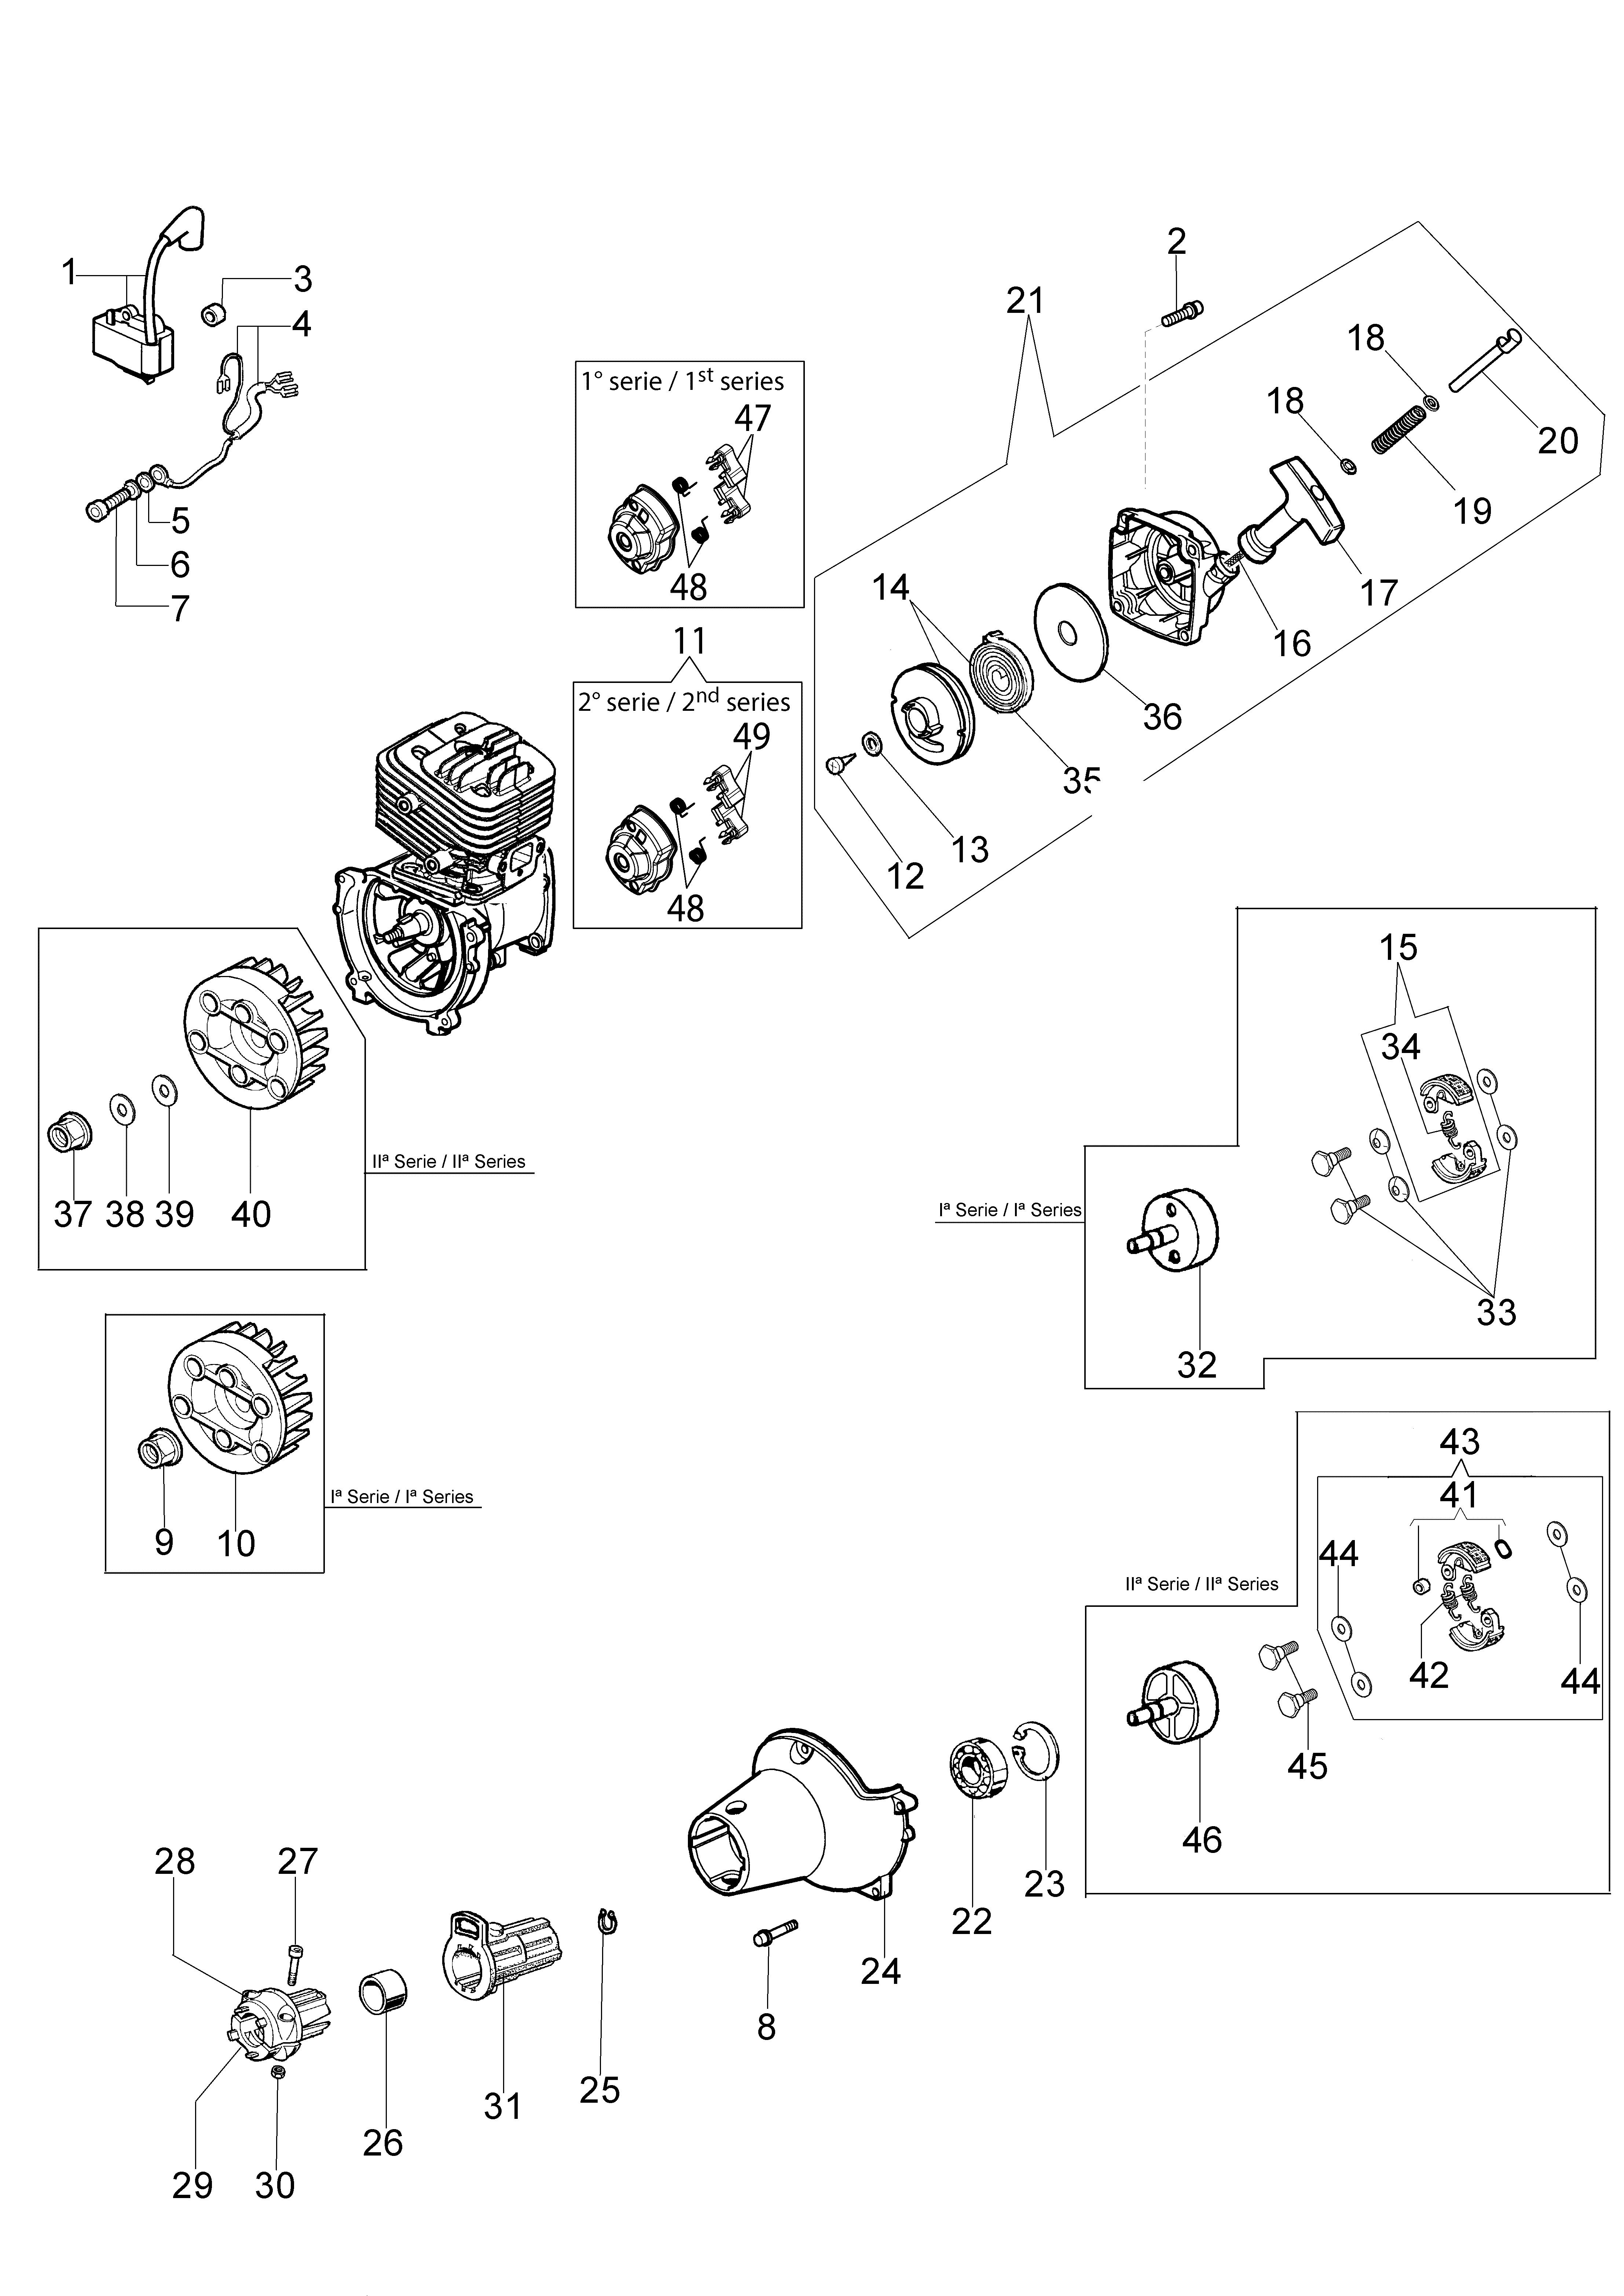 BC 280 S Débroussailleuse oleomac Dessins pièces vue éclatée Démarrage et embrayage